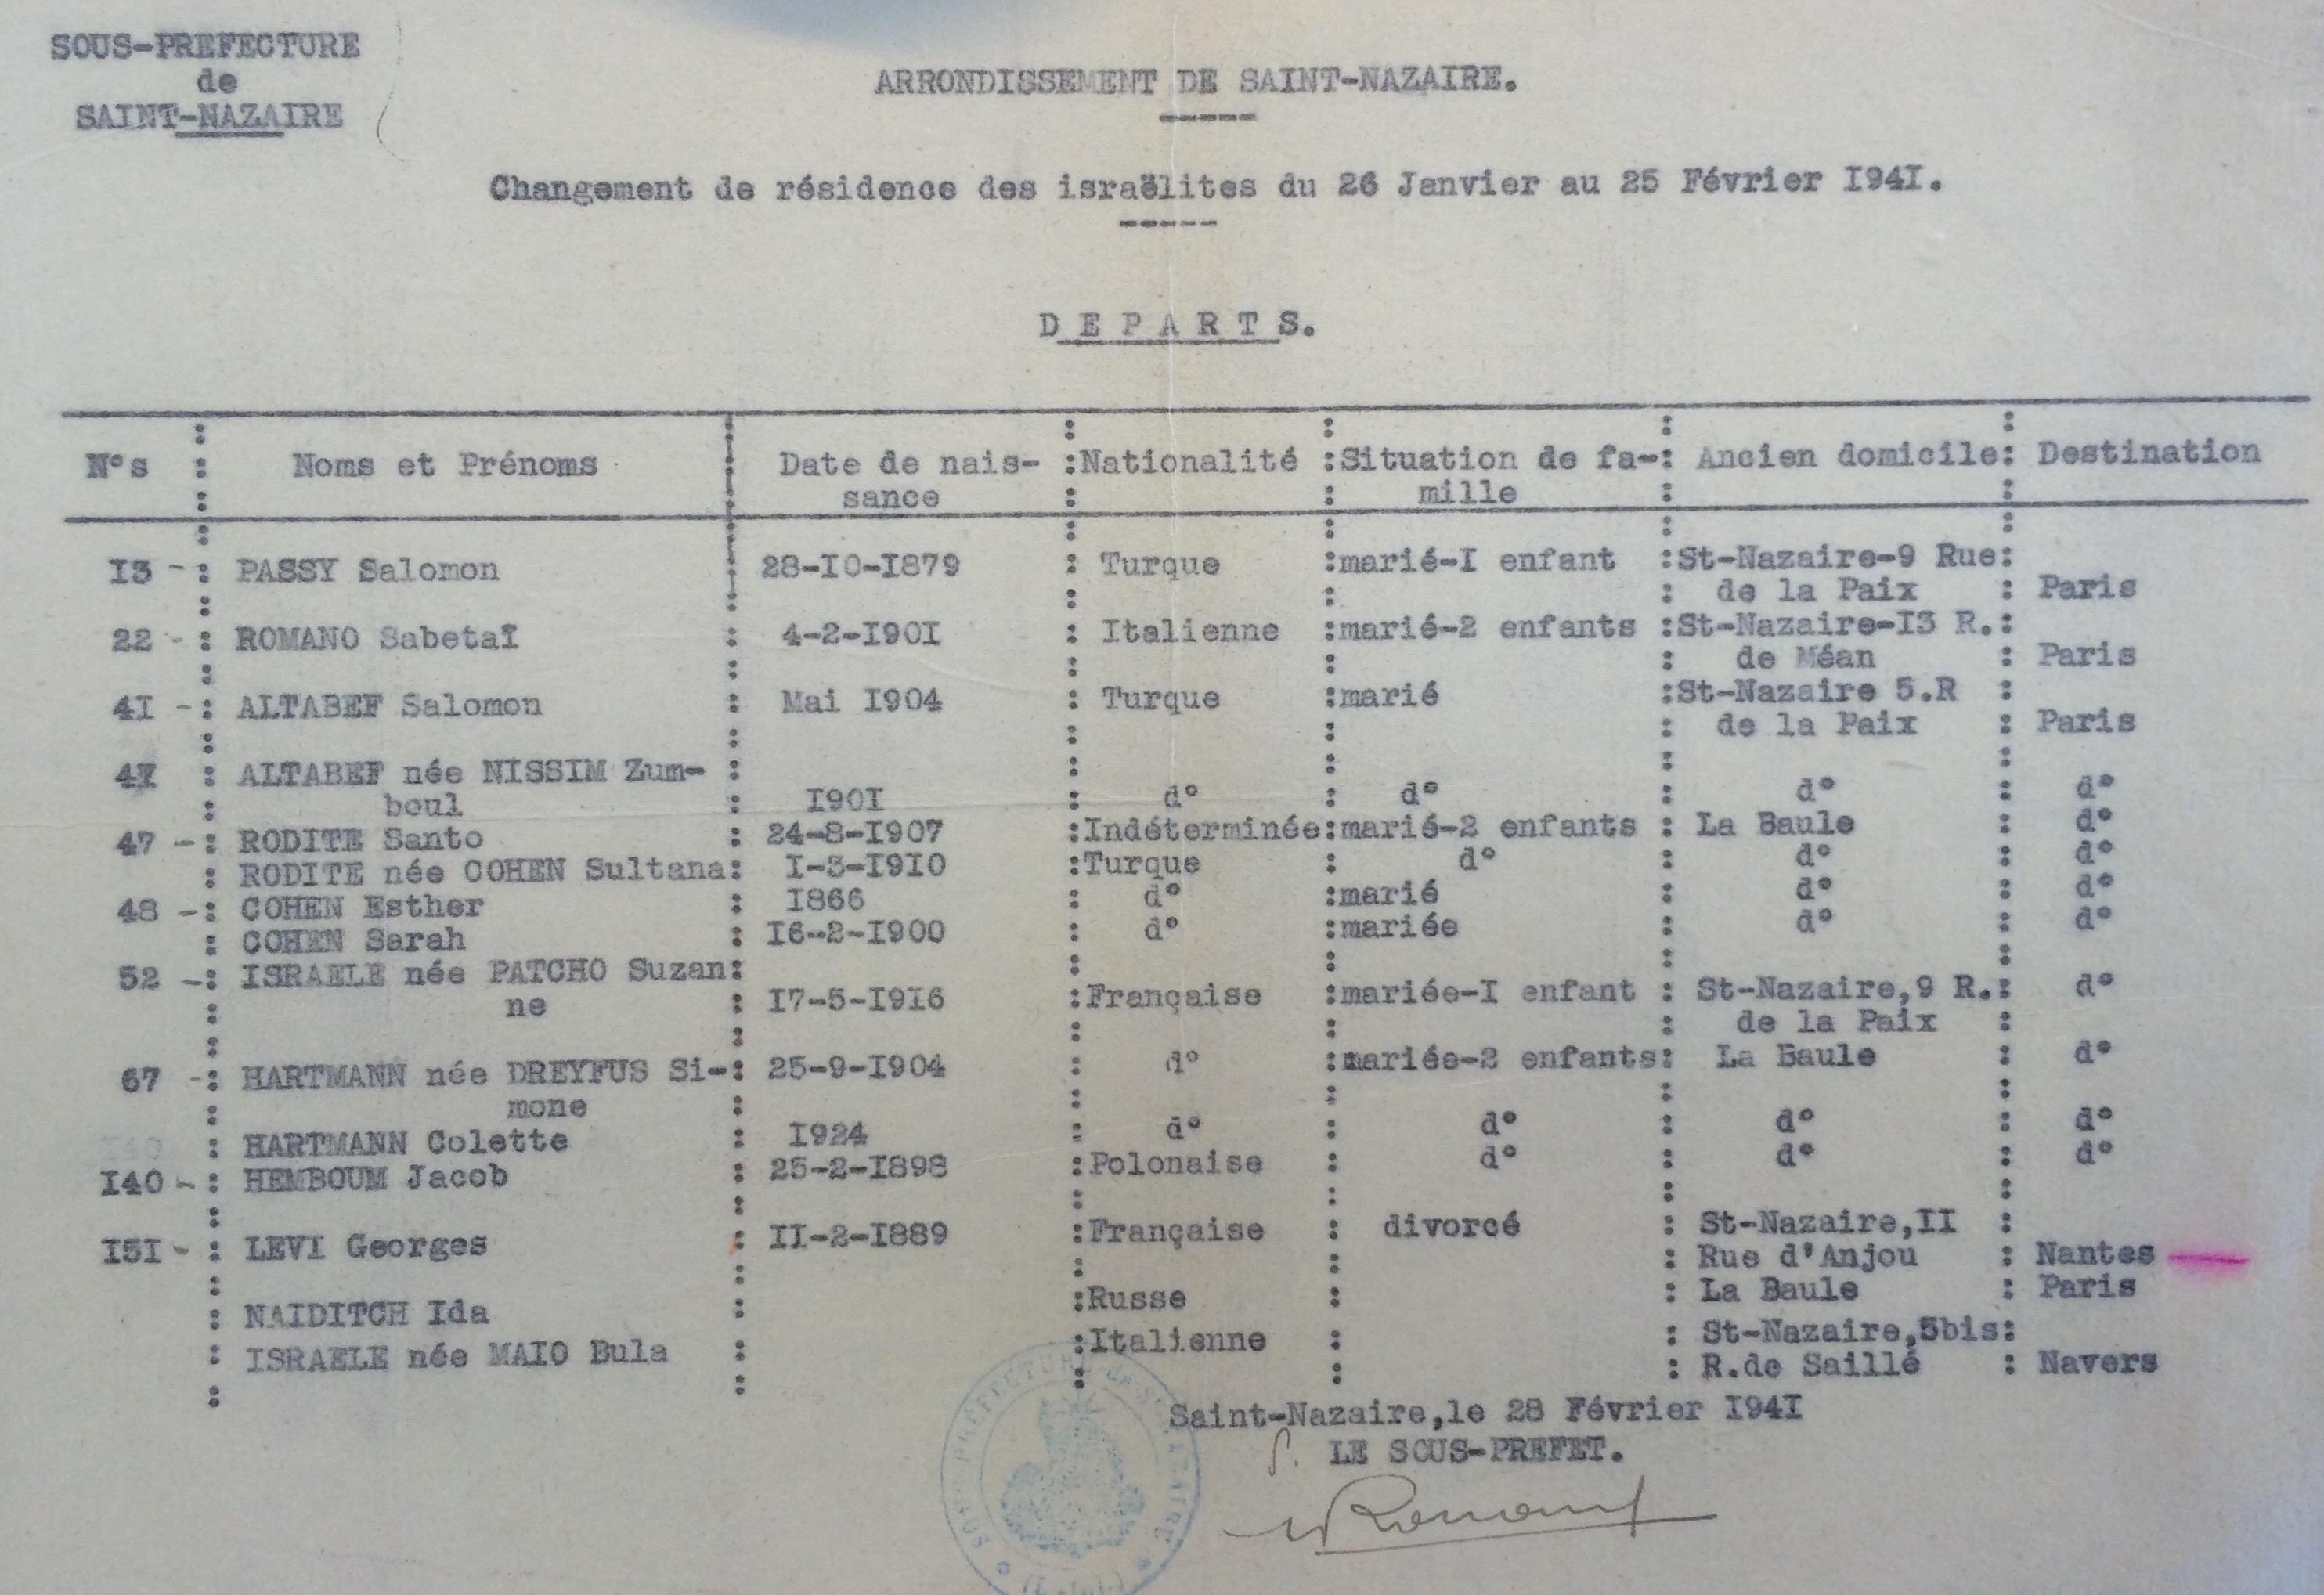 Contrôle déplacement israëlites février 1941 {ADLA 1694W25]